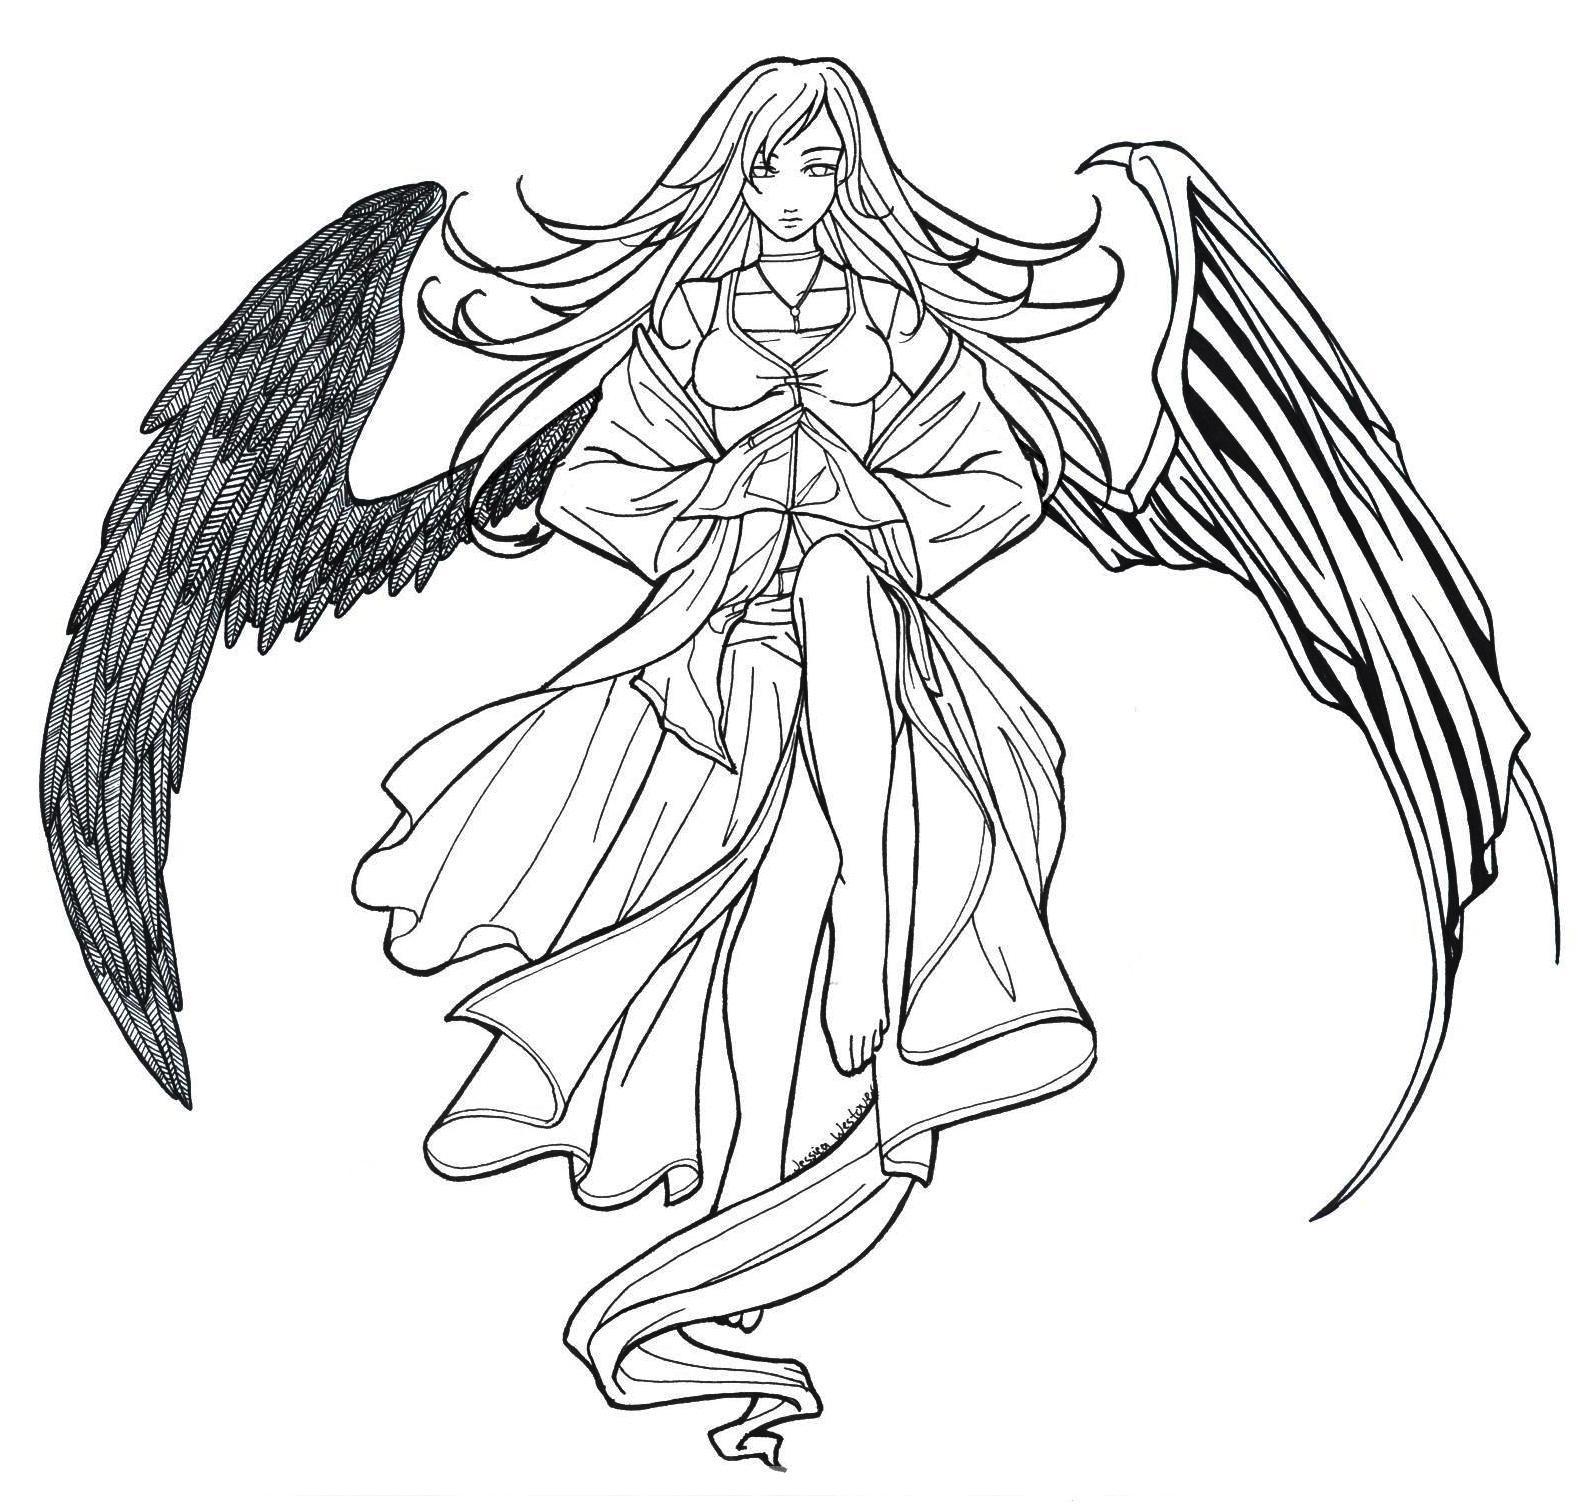 Line Art Angel : Image gallery line drawings art angels